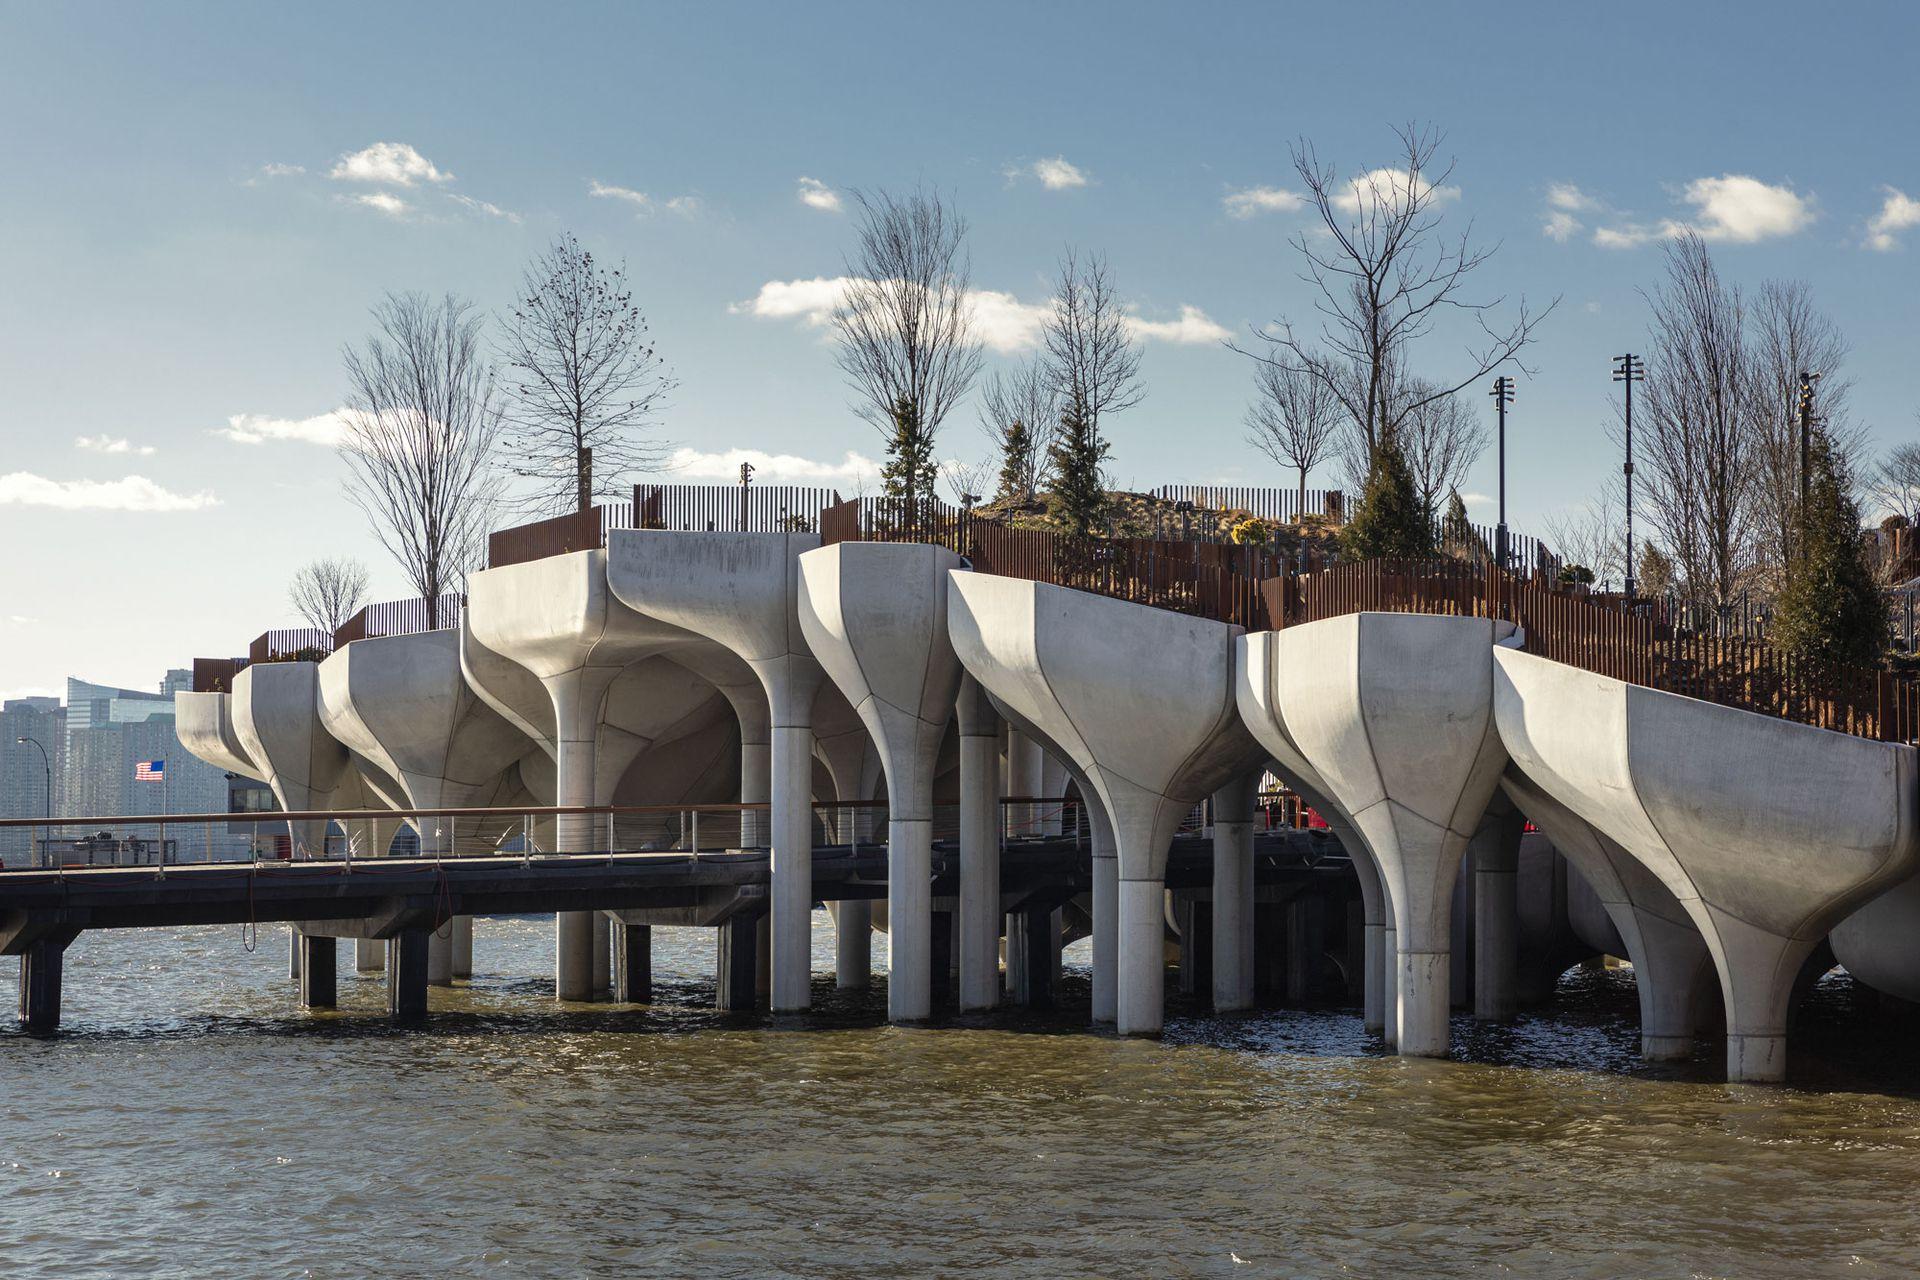 """Little Island se compone de un anfiteatro de 687 asientos (""""The Amph""""), una plaza central con asientos y puestos de comida y bebidas (""""The Play Ground""""), un escenario íntimo y espacios de césped (""""The Glade""""), y deslumbrantes vistas del parque, la ciudad de Nueva York y el río Hudson. El diseñado arquitectónico estuvo a cargo de Thomas Heatherwick de Heatherwick Studio."""